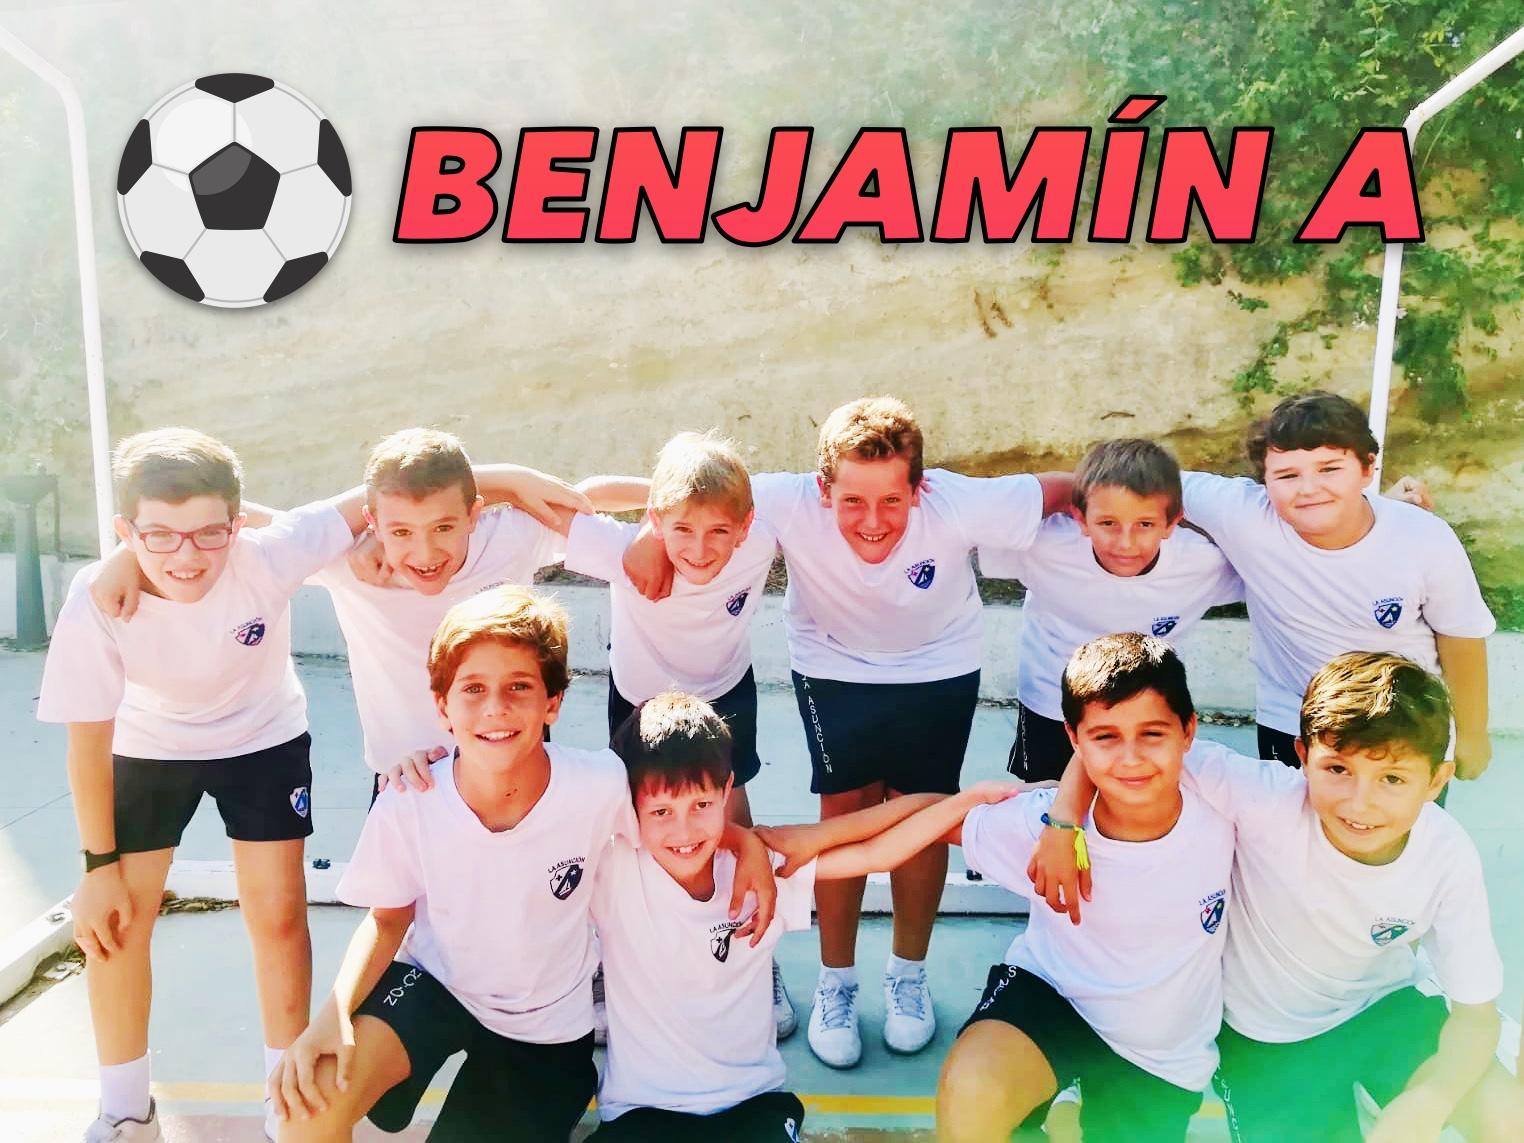 Benjamin A